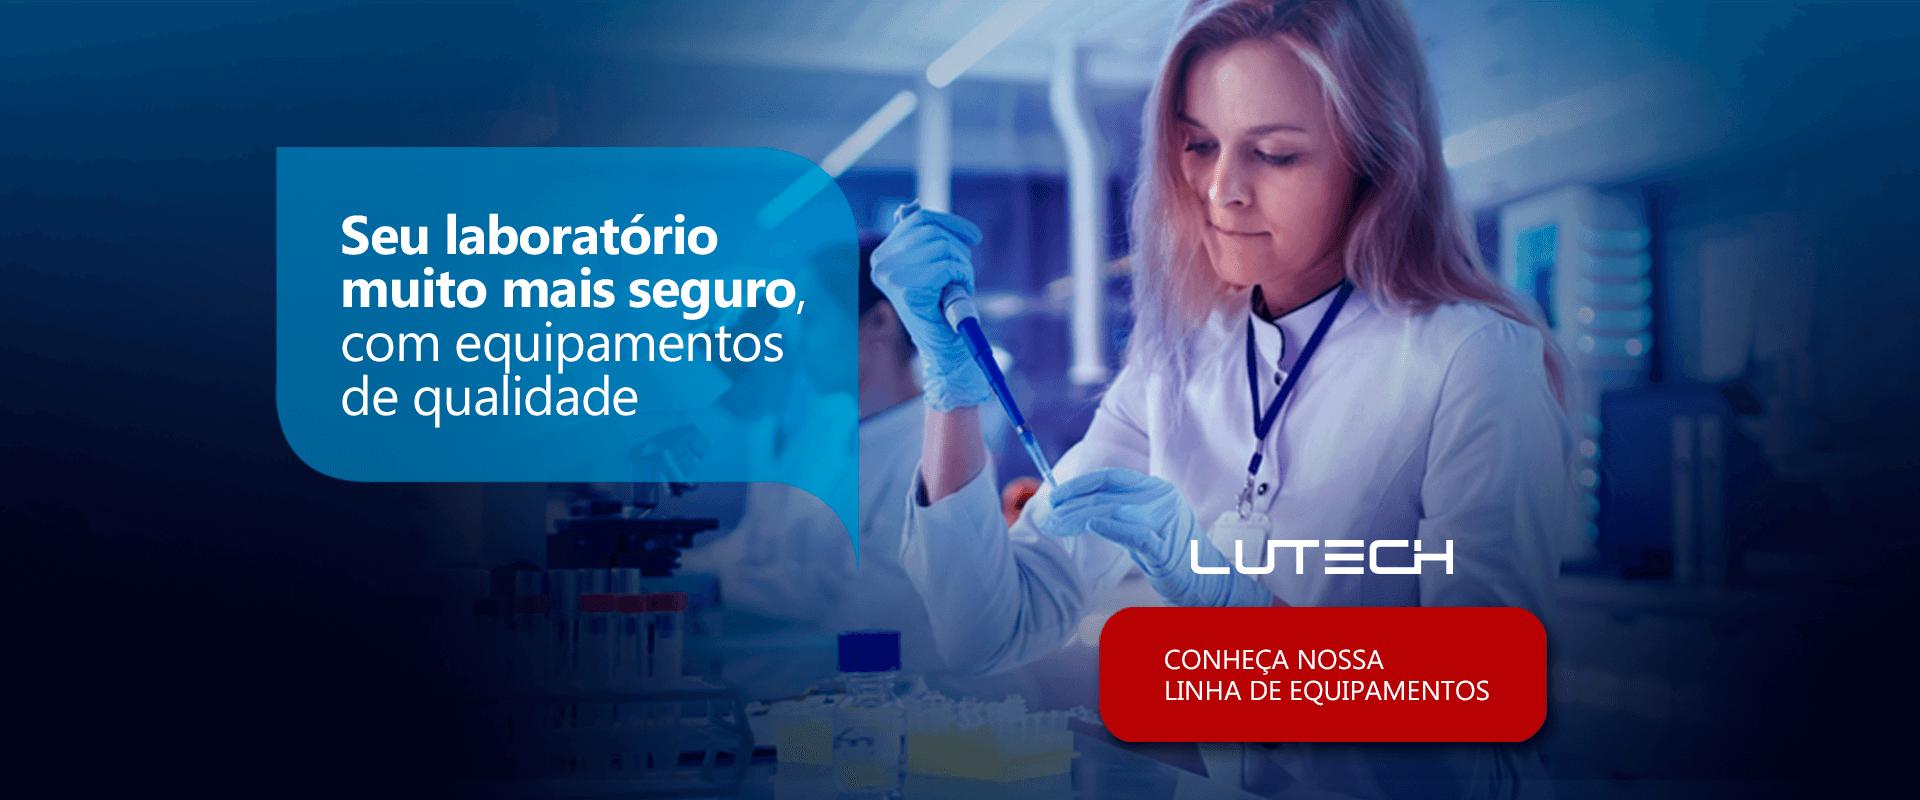 Lutech_BannerSite_Set 2021_Lutech